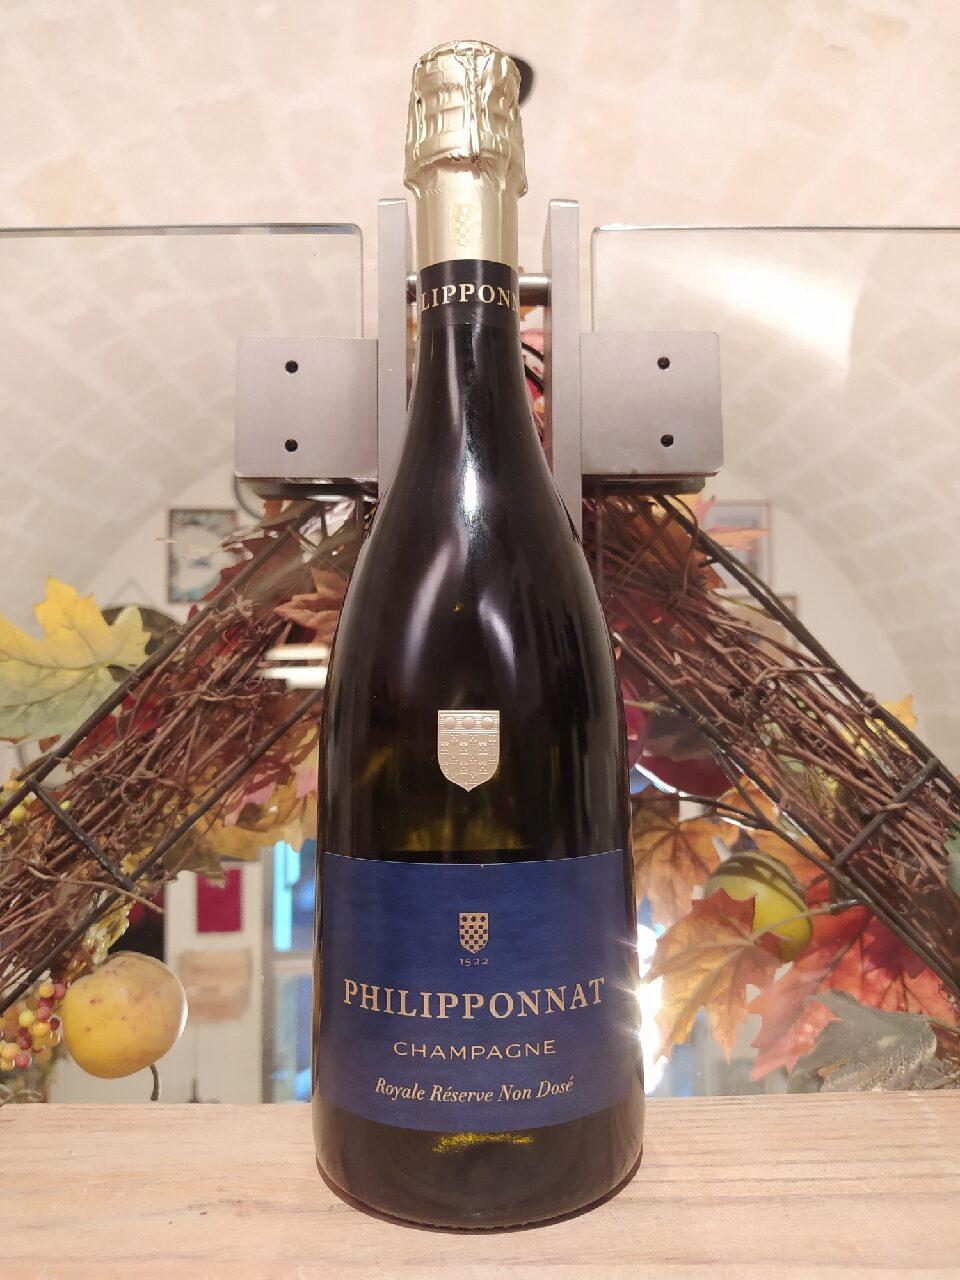 Royale Réserve Philipponnat Champagne Non Dosé